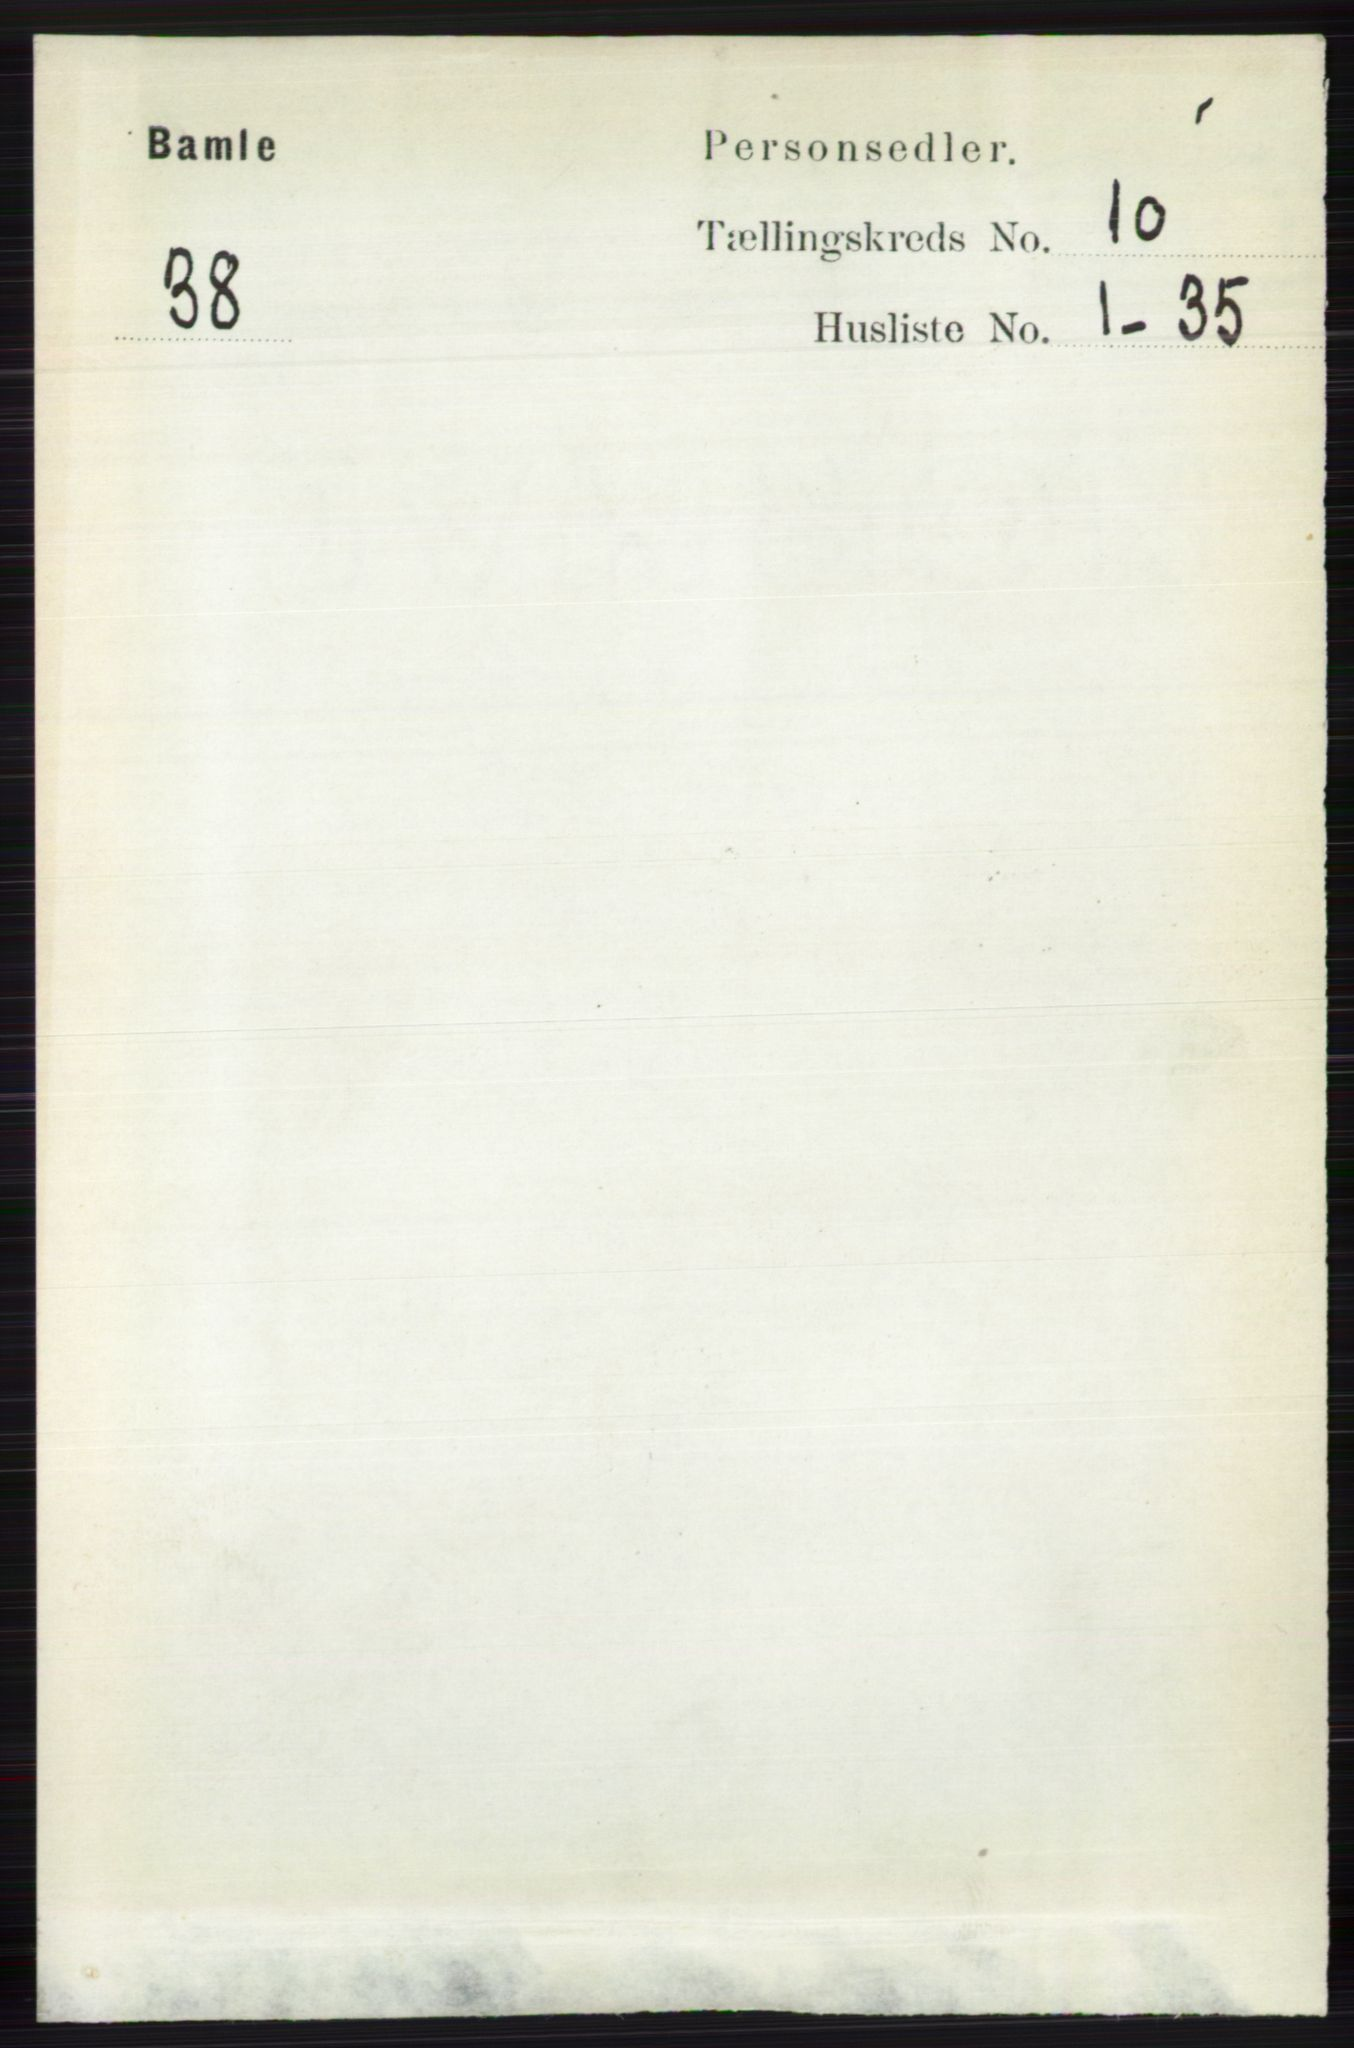 RA, Folketelling 1891 for 0814 Bamble herred, 1891, s. 5778